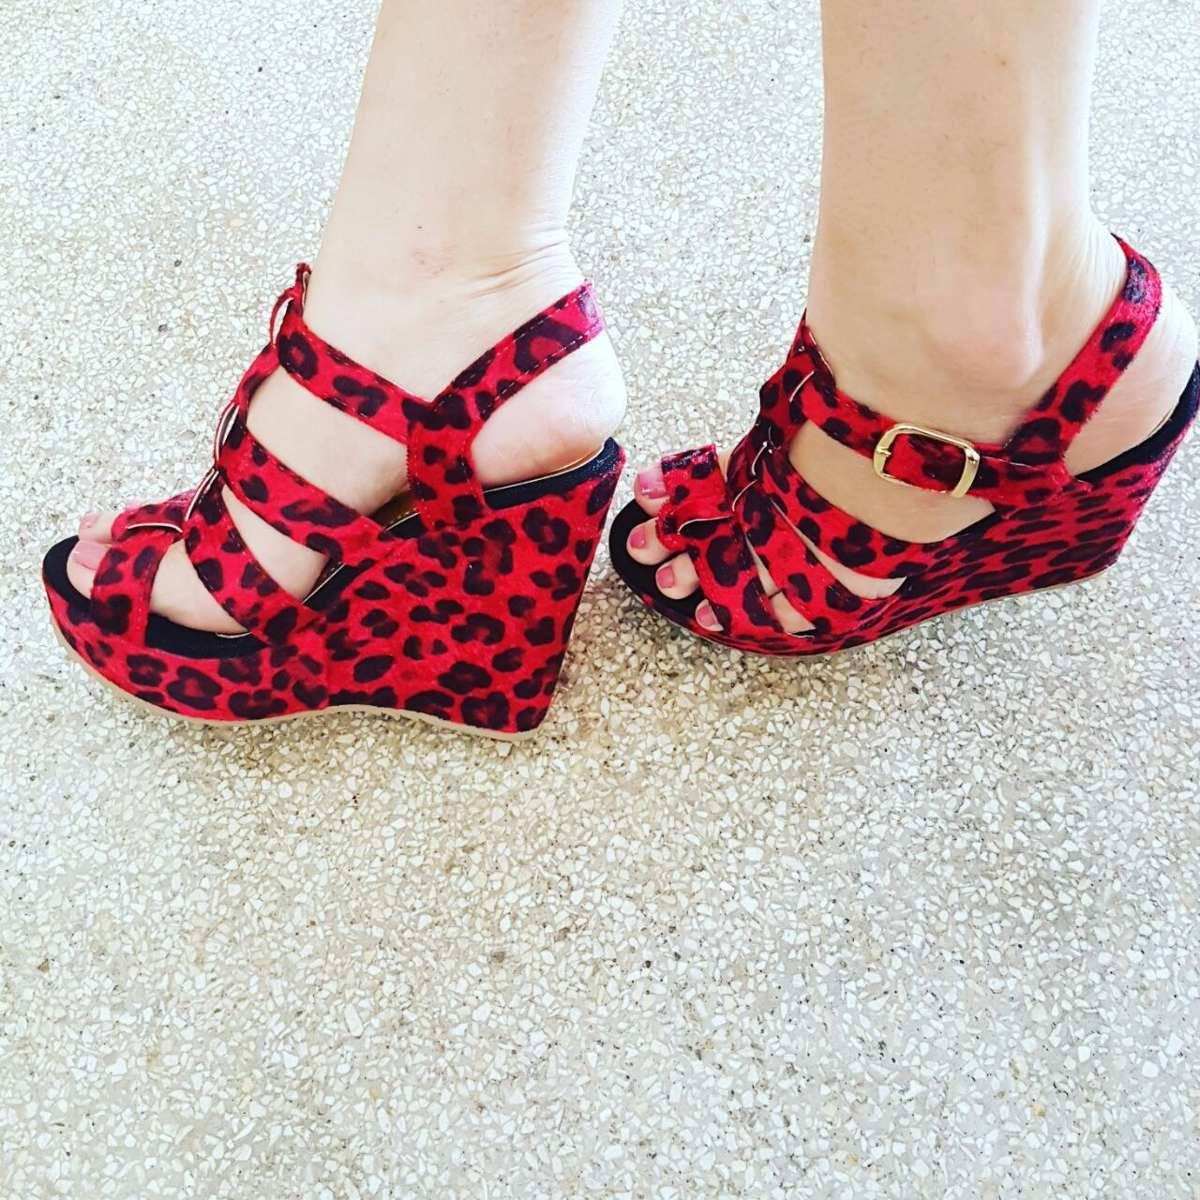 b7c590462f sandália anabela plataforma feminino inspiração moda 328. Carregando zoom.